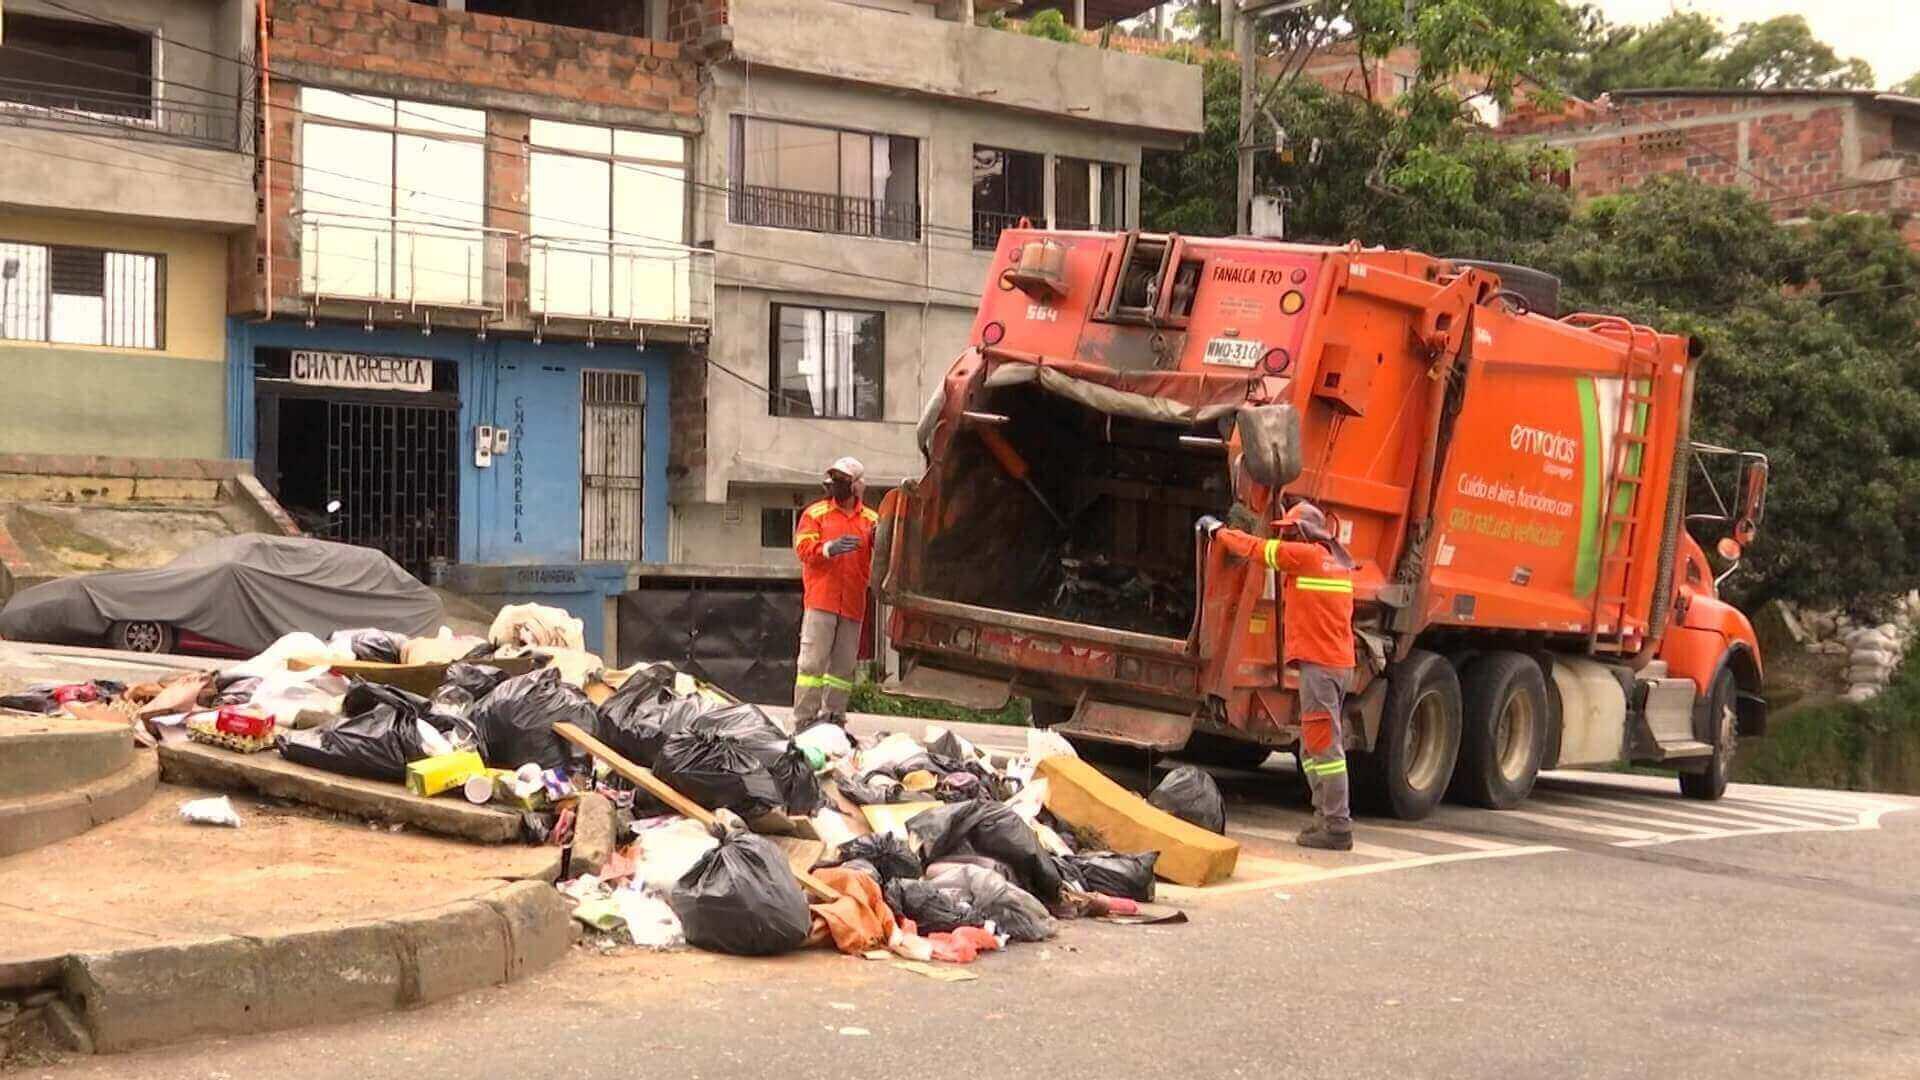 Con la reactivación económica llegó aumento de basura